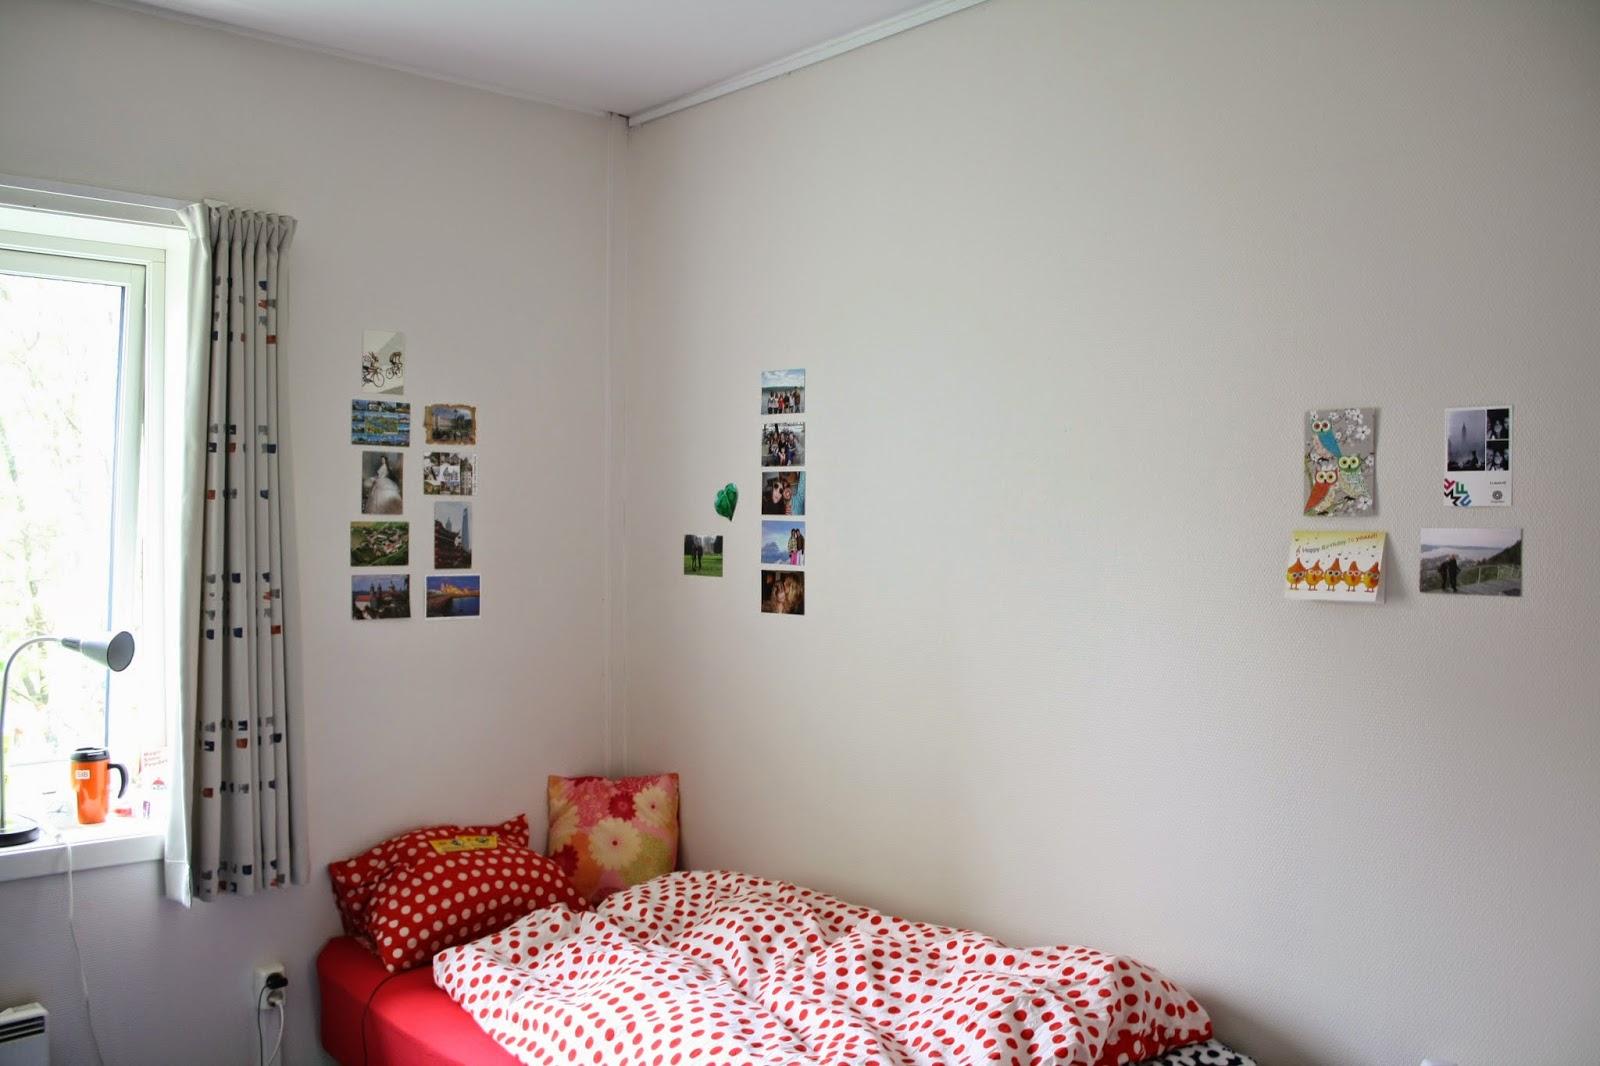 anke i norge mein zimmer. Black Bedroom Furniture Sets. Home Design Ideas